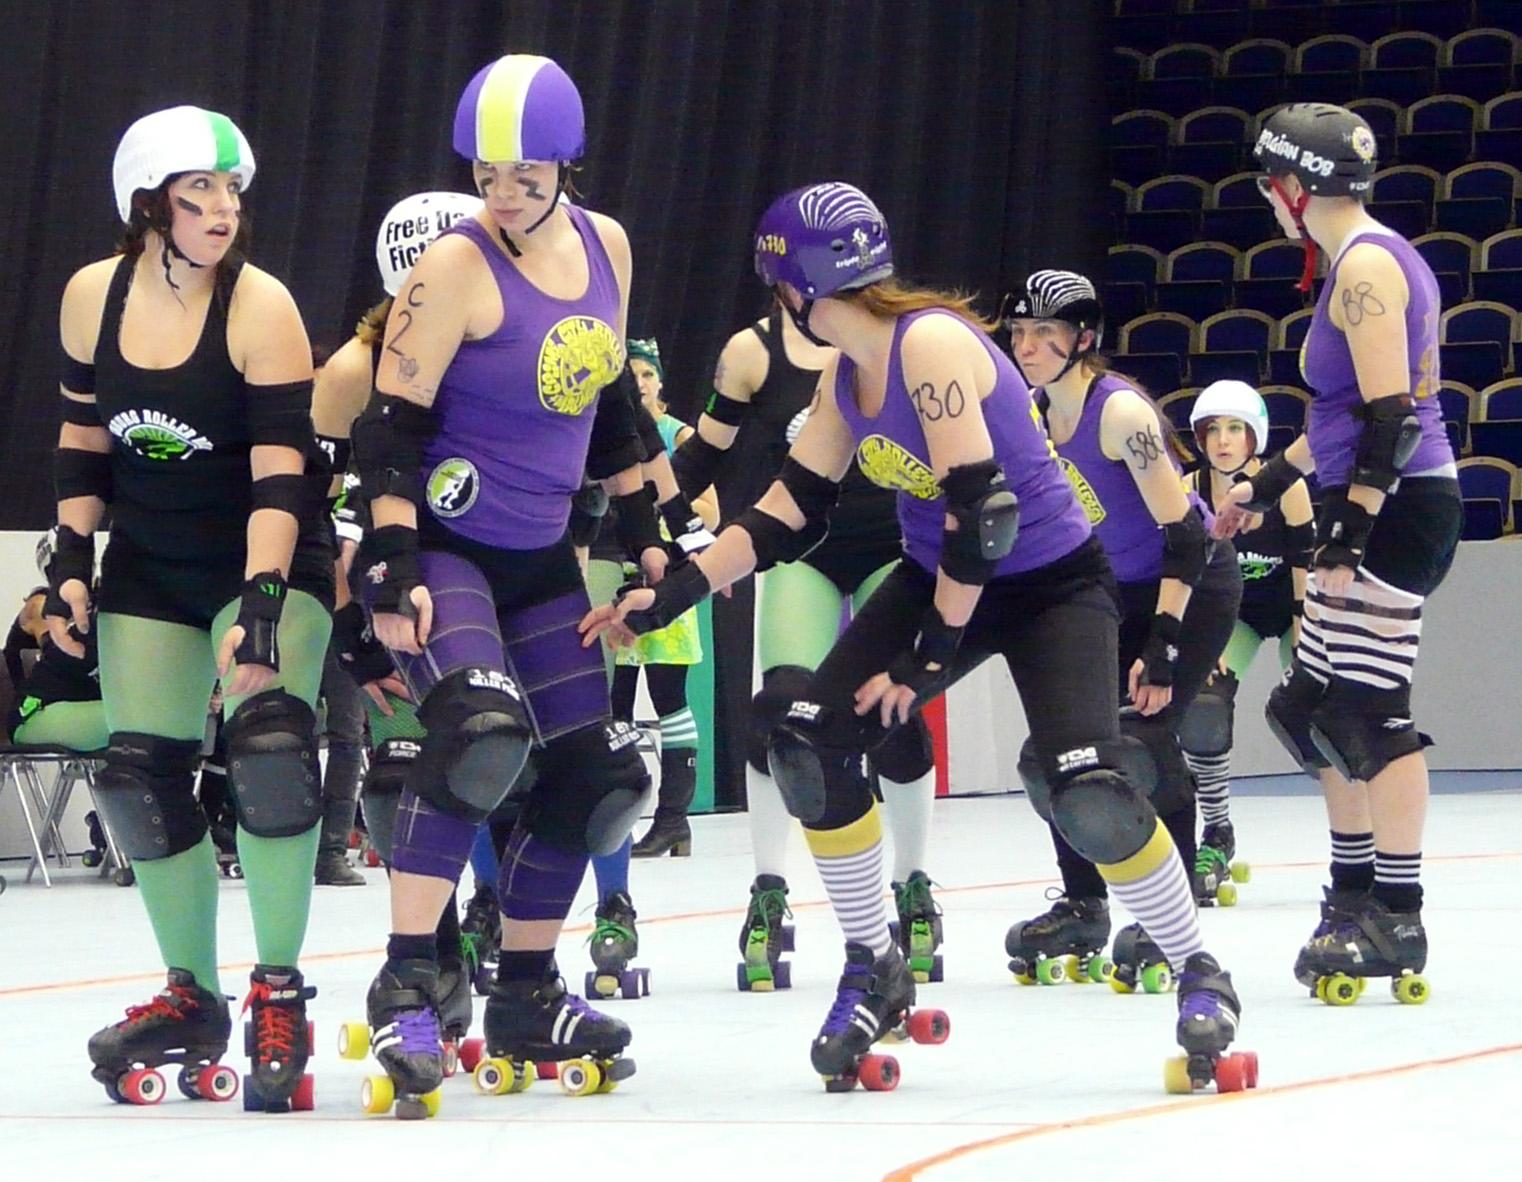 Crime City Rollers möter annat lag i en roller derby match